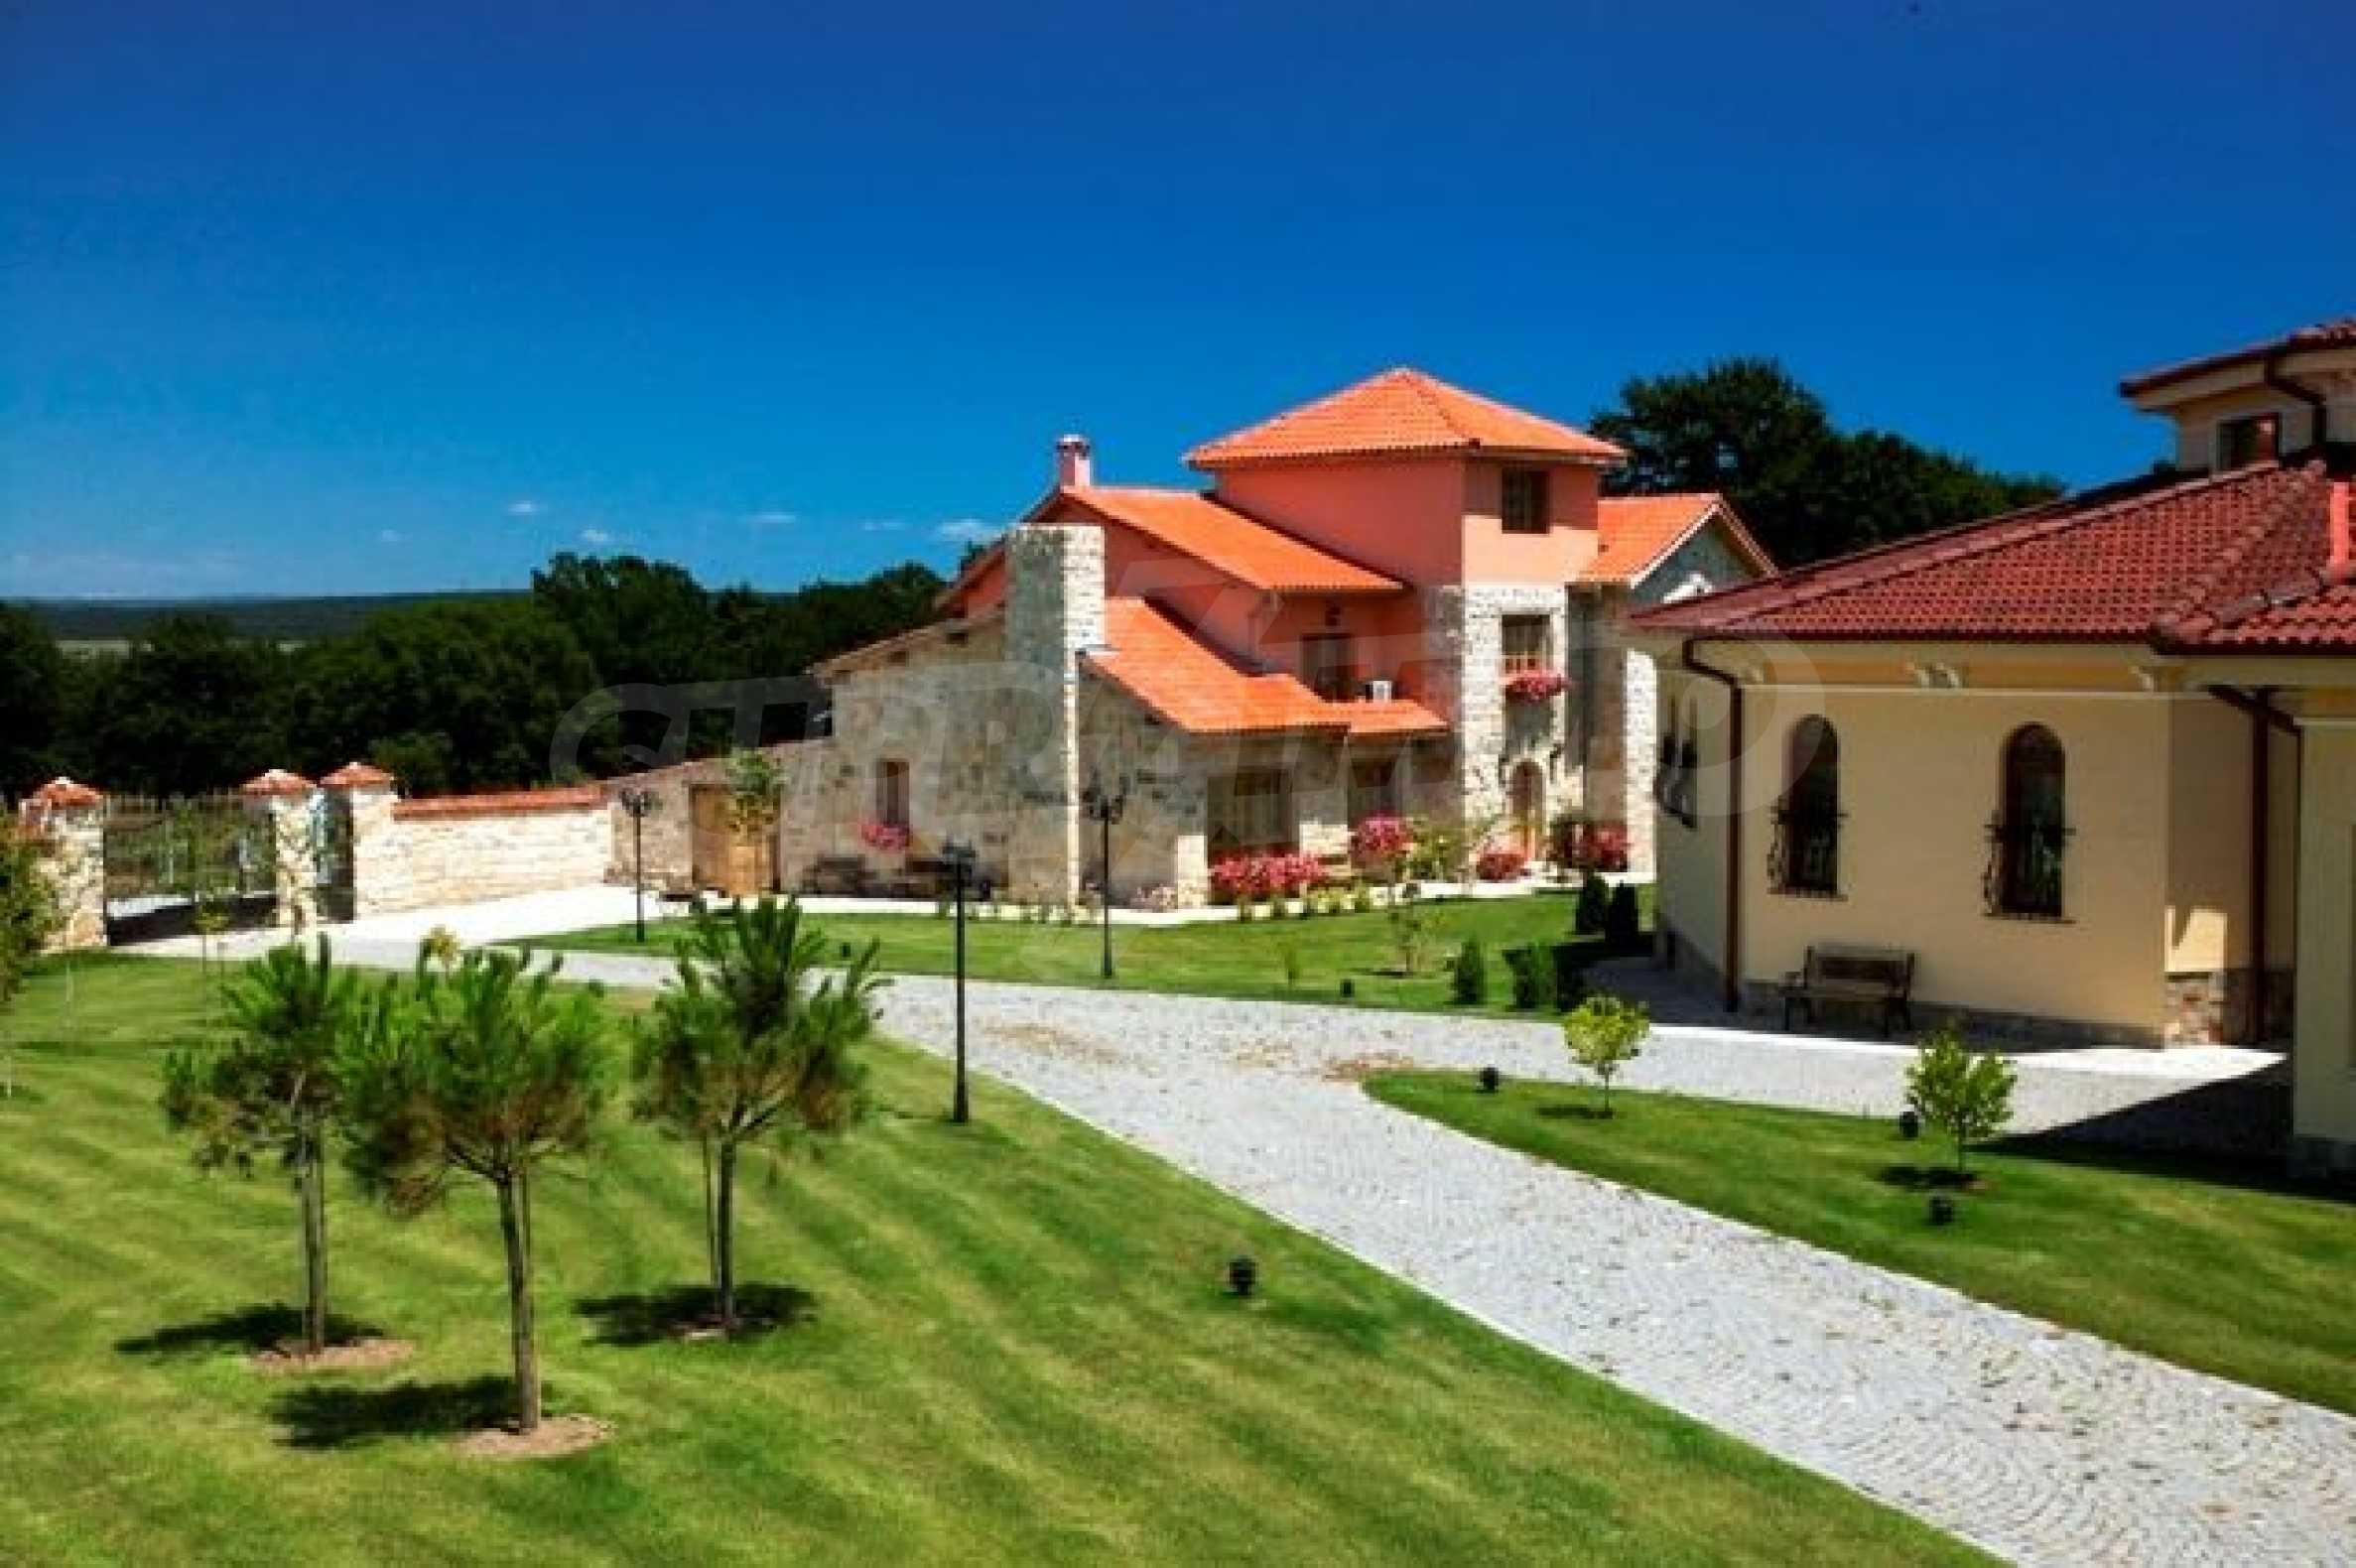 Великолепно имение с басейн и градина във френския стил прованс 10